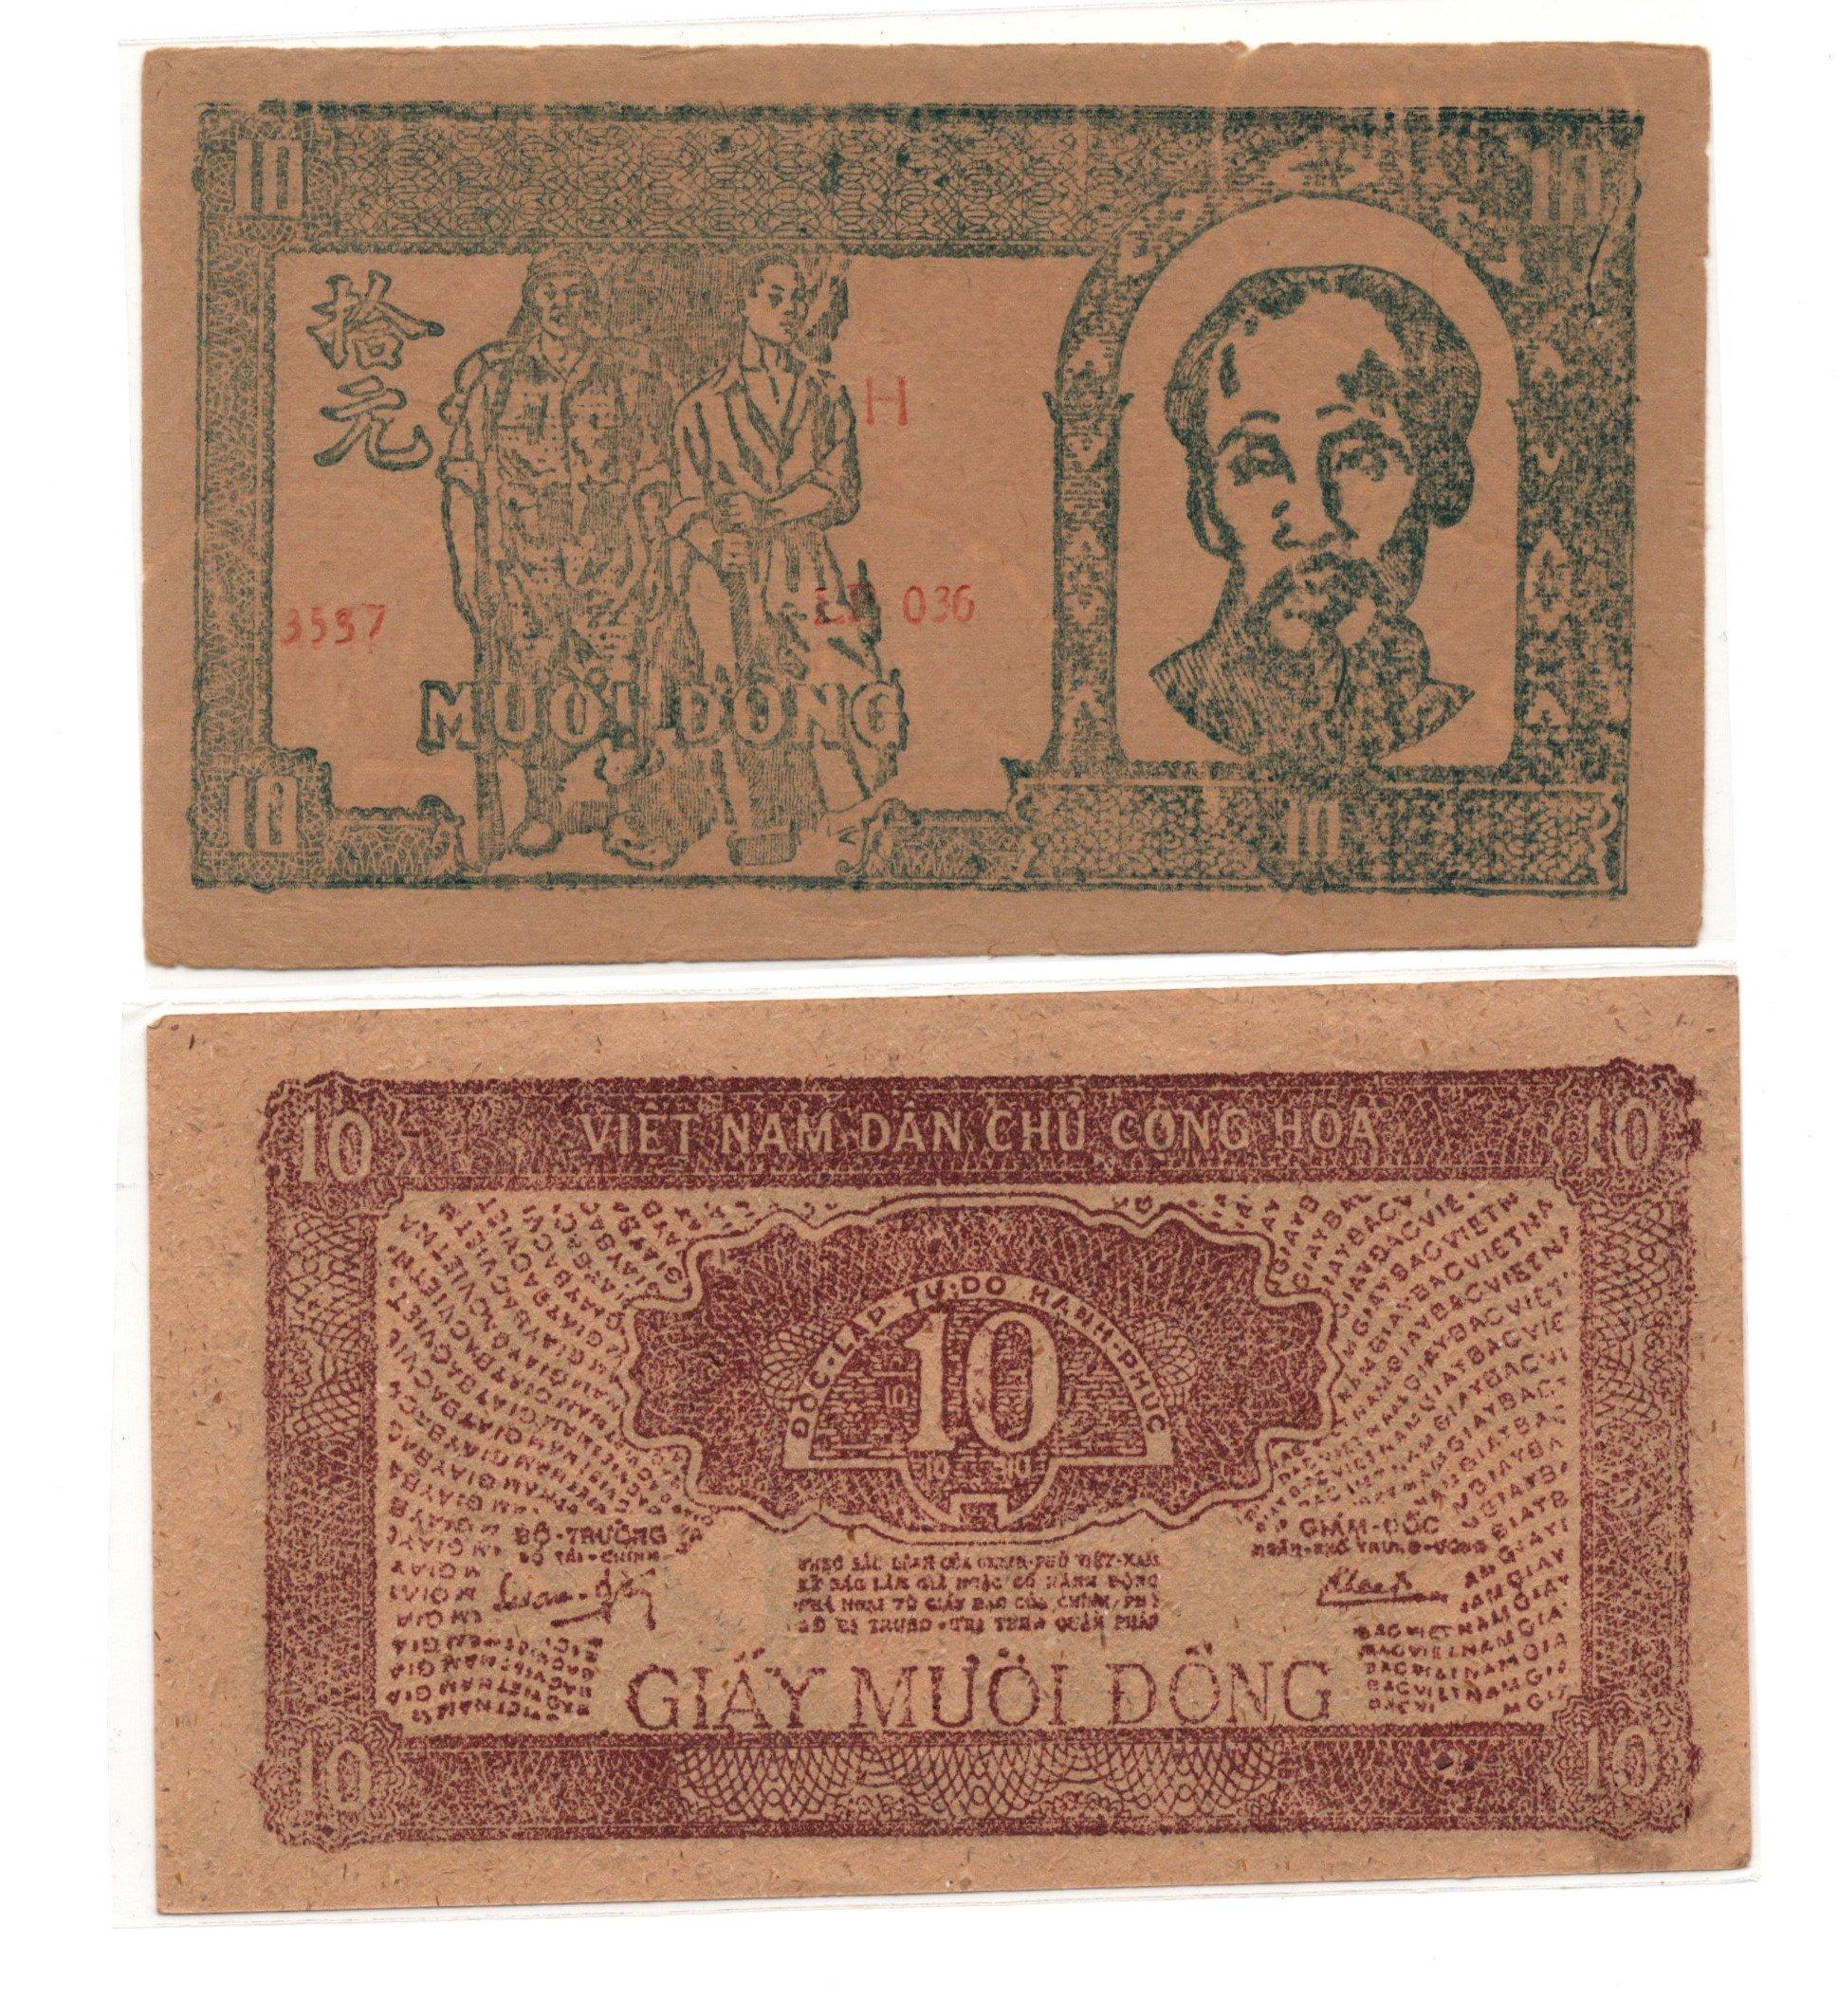 vietnam 10 dong 1948